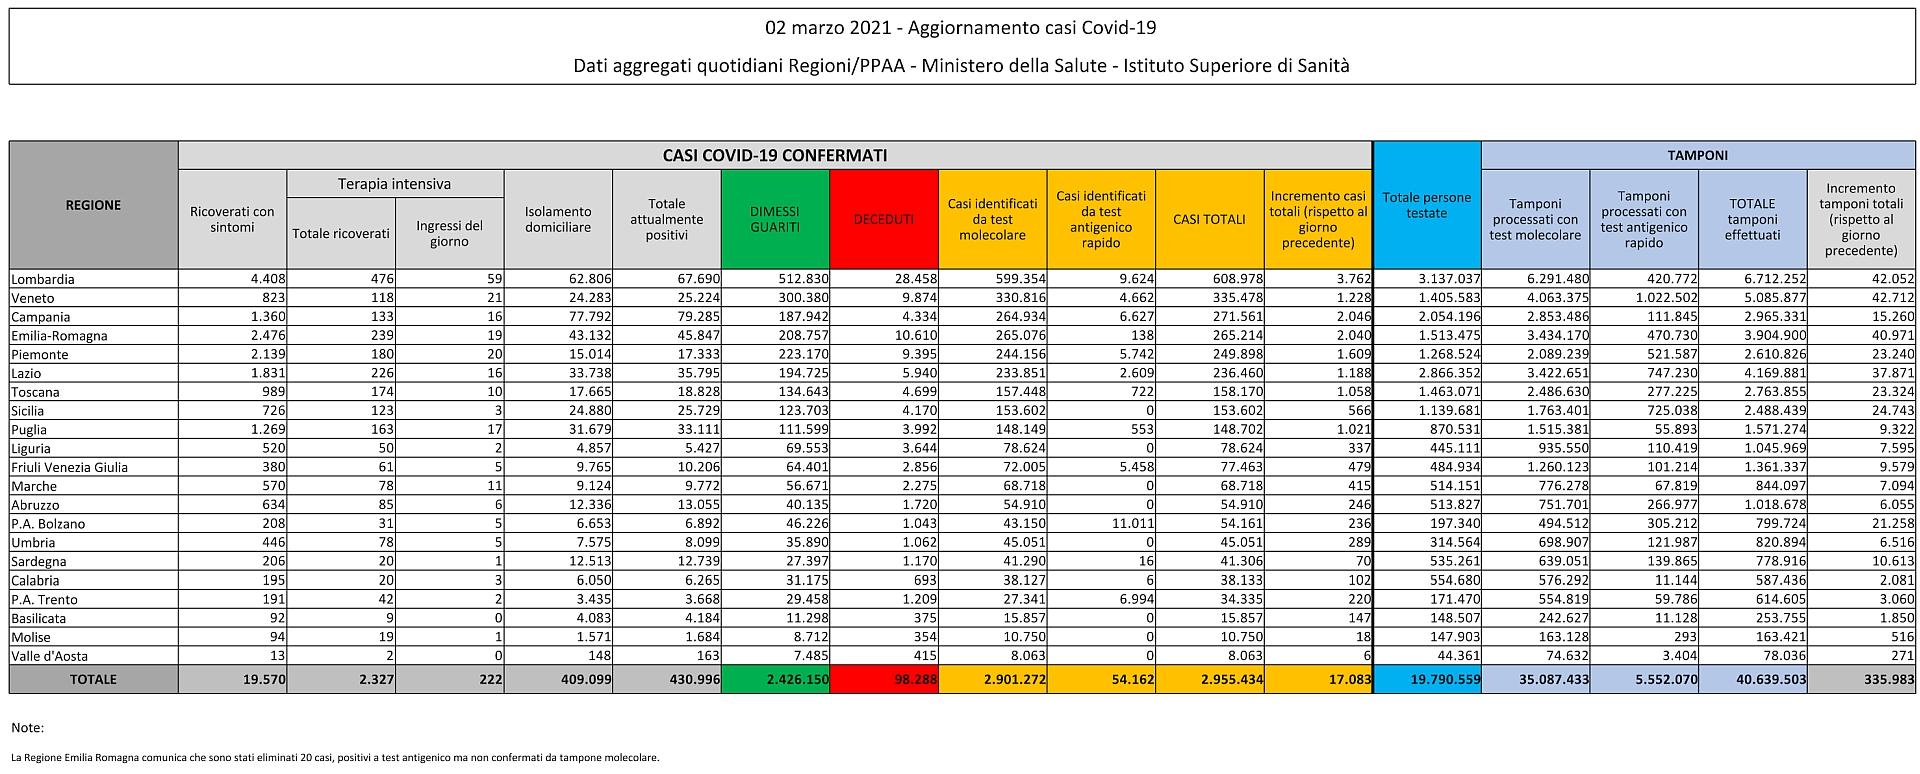 2 marzo 2021 - Aggiornamento casi Covid-19 Dati aggregati quotidiani Regioni/PPAA - Ministero della Salute - Istituto Superiore di Sanità